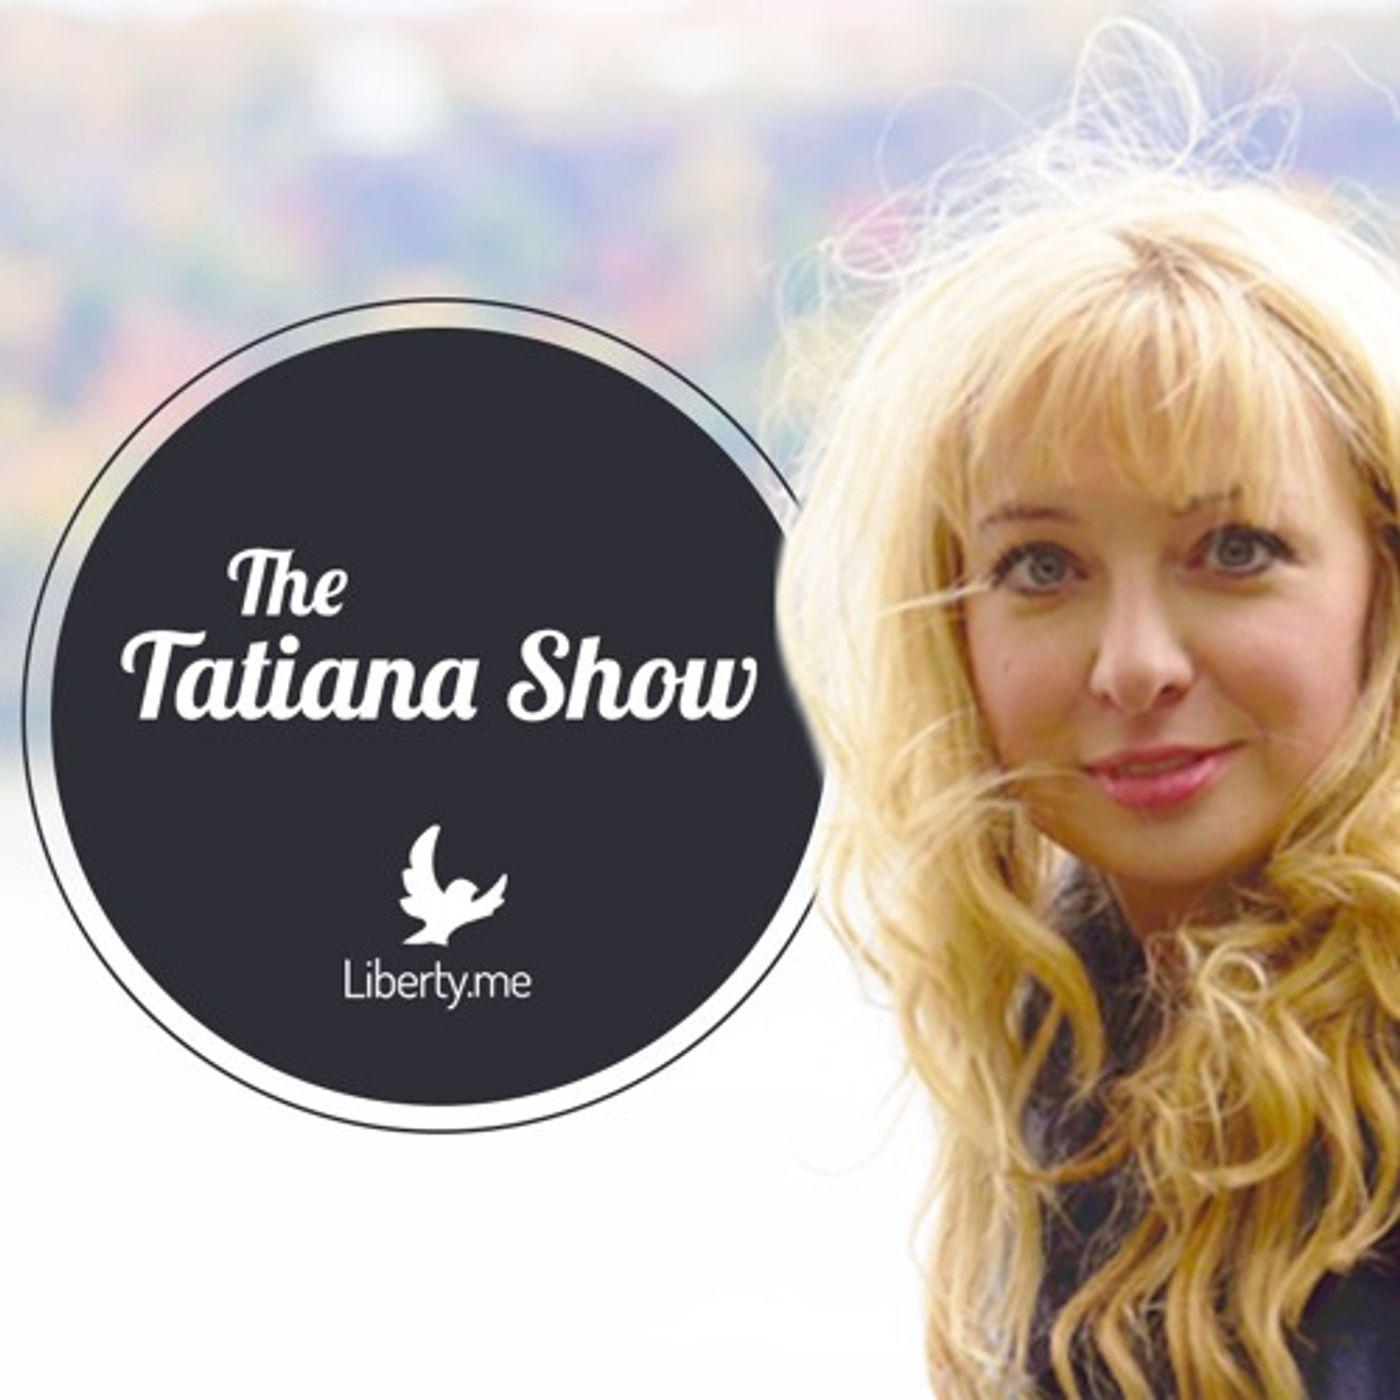 Heartland Newsfeed Radio Network: The Tatiana Show (July 16, 2019)